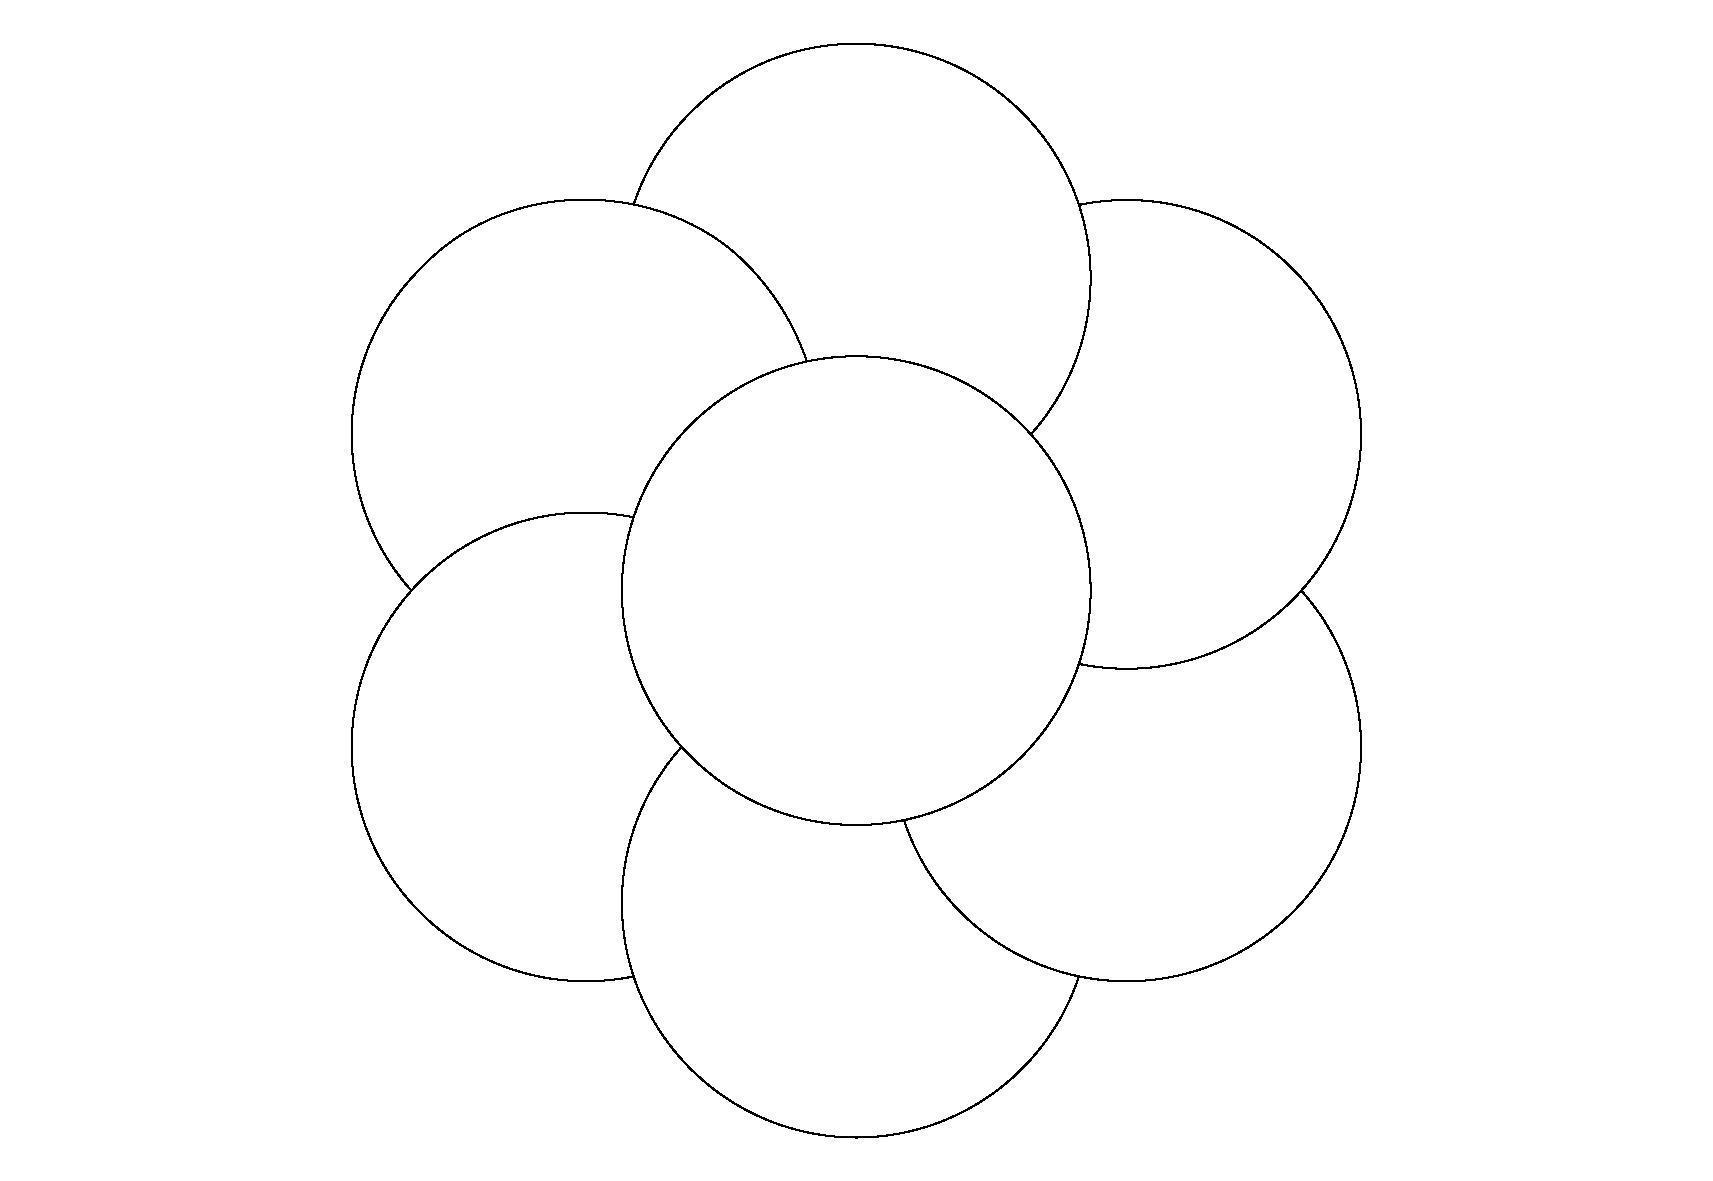 Набор для аппликации Цветочек раскраска Для детей онлайн раскраски с цветамираскраски цветы